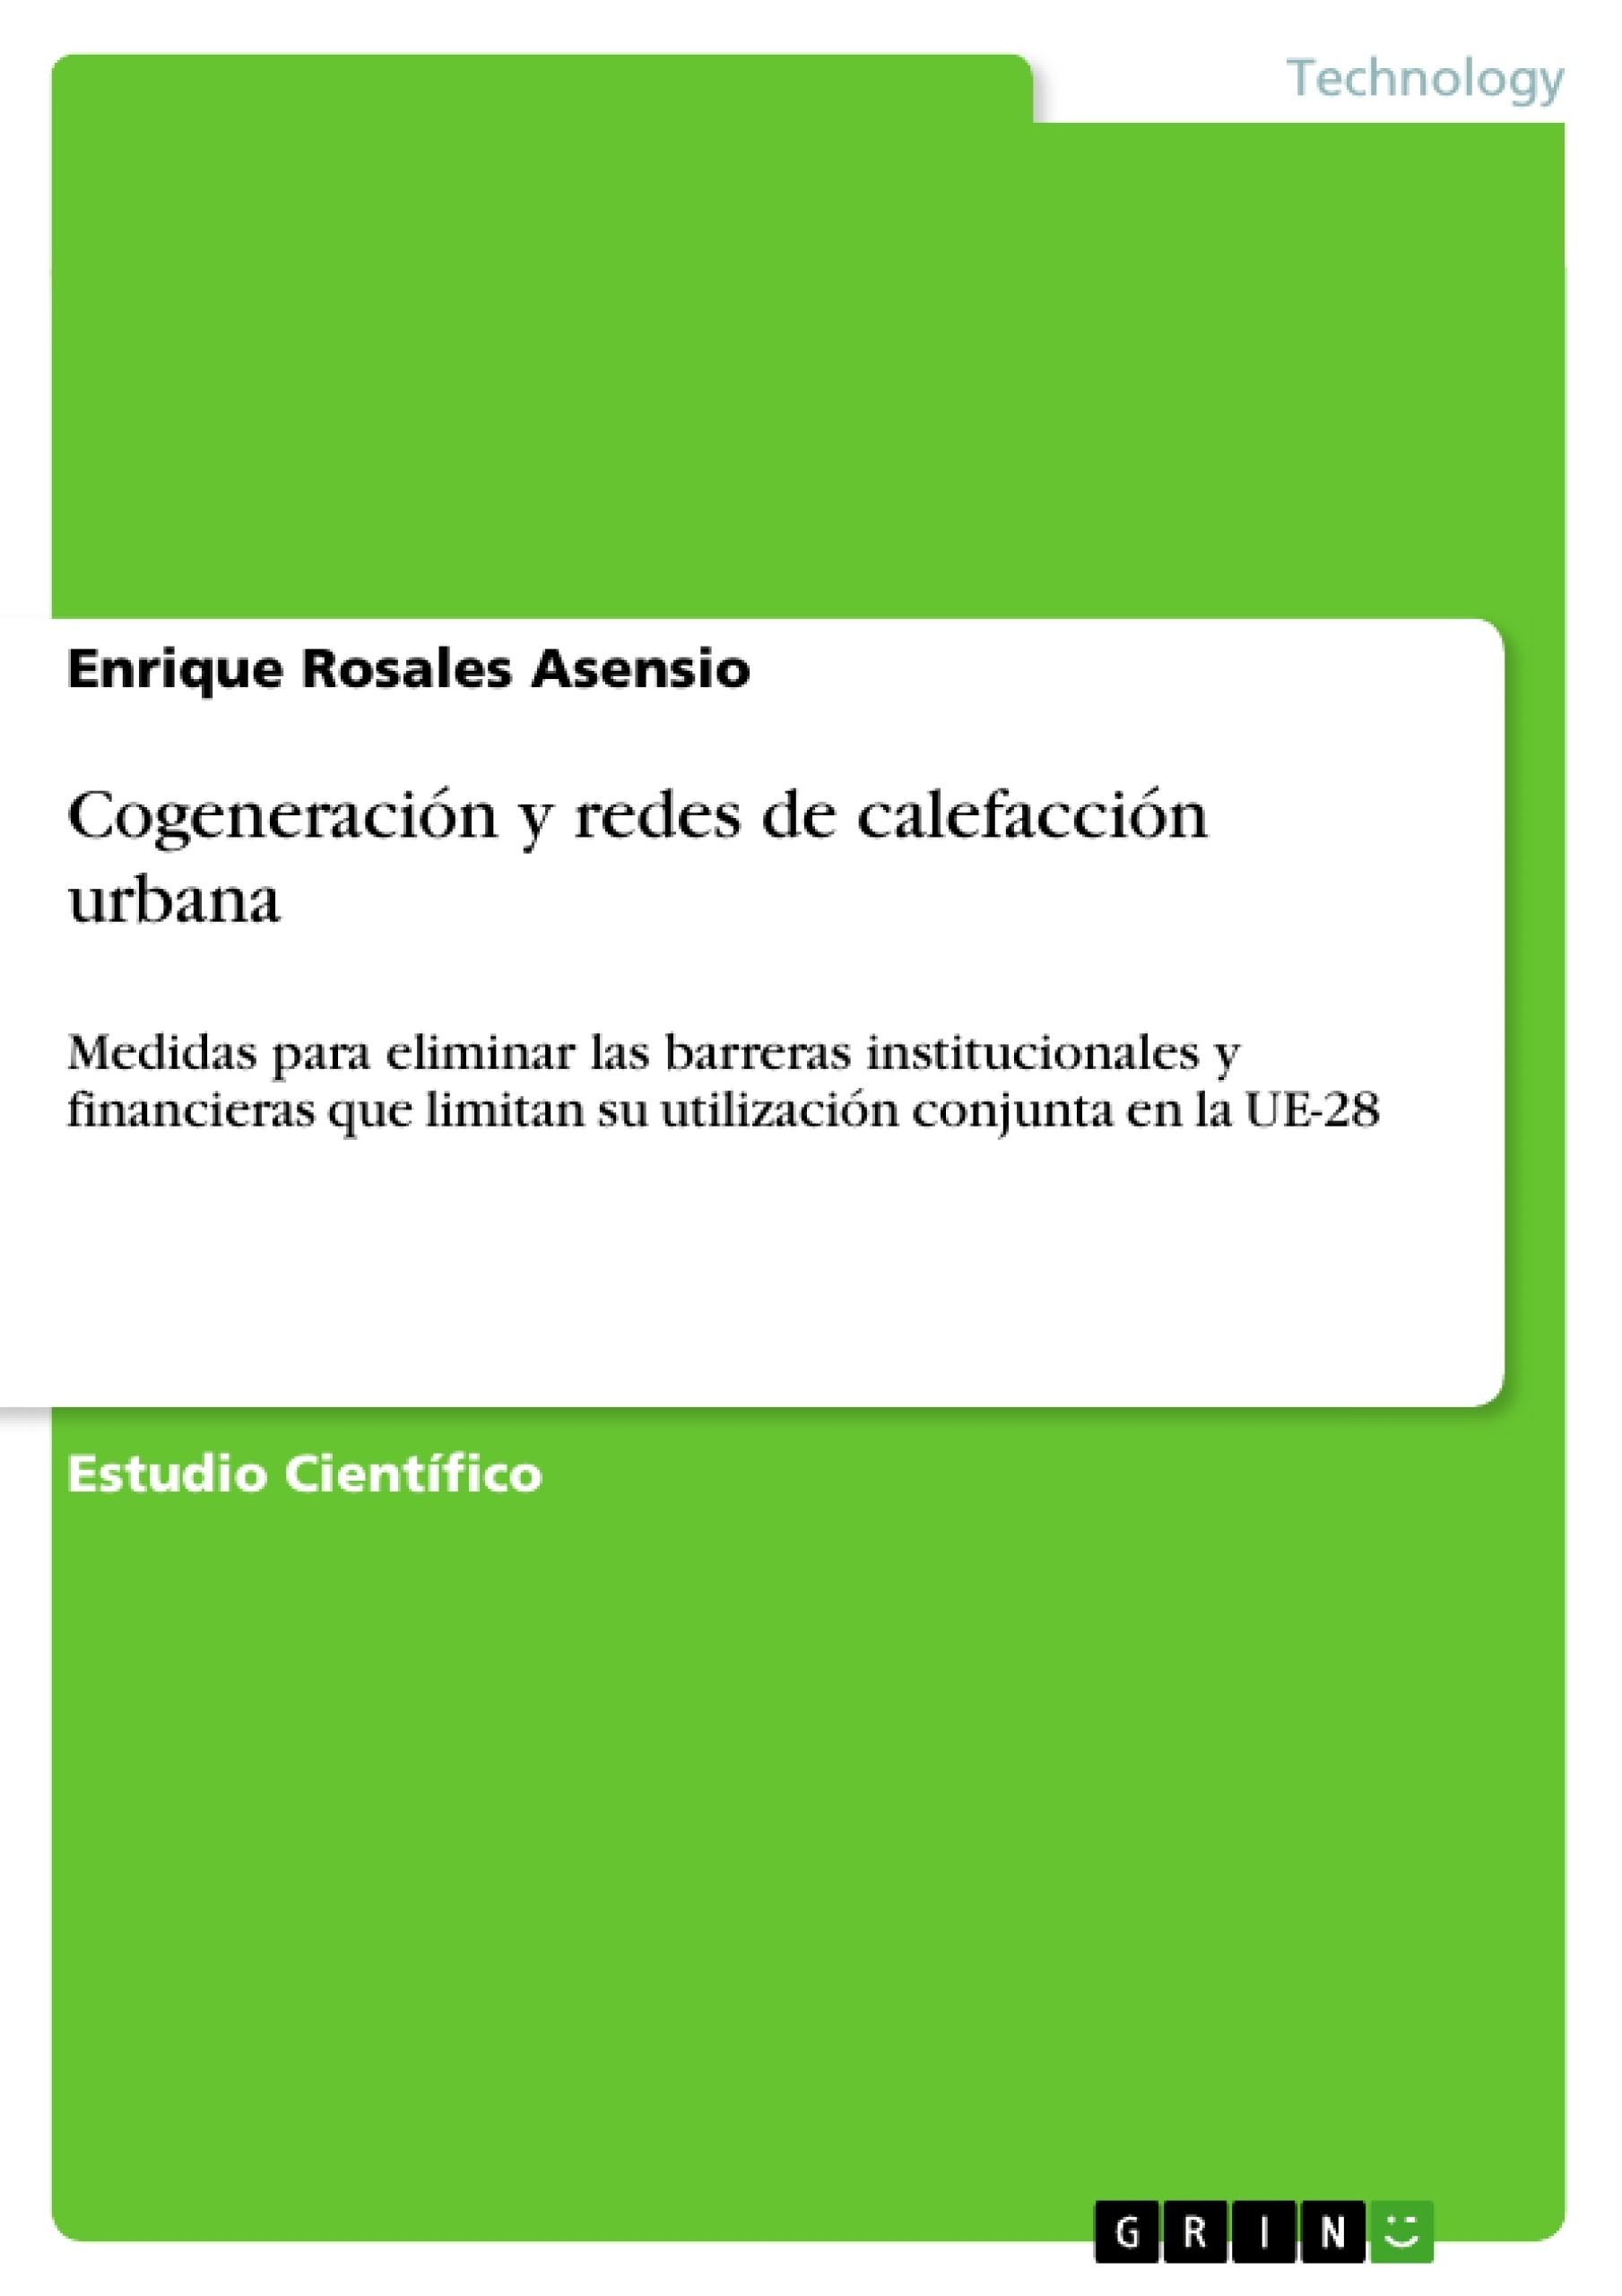 Título: Cogeneración y redes de calefacción urbana